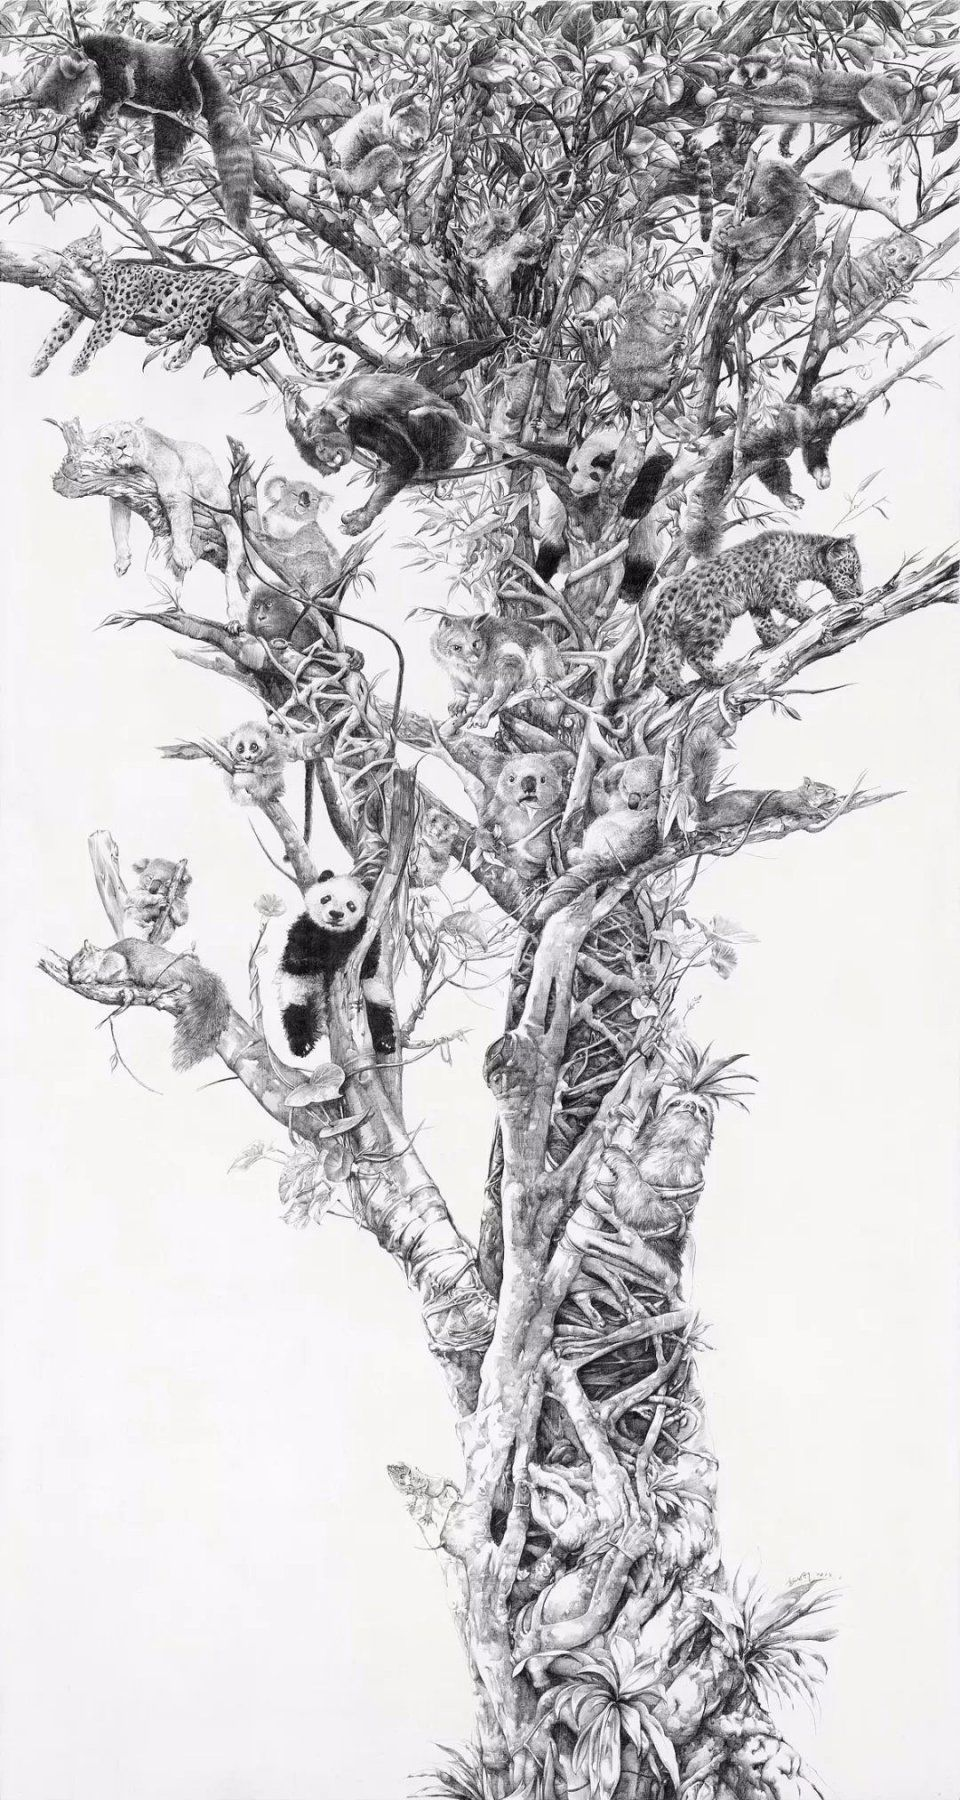 央美才女的钢笔素描画,精细到让人震惊又害怕